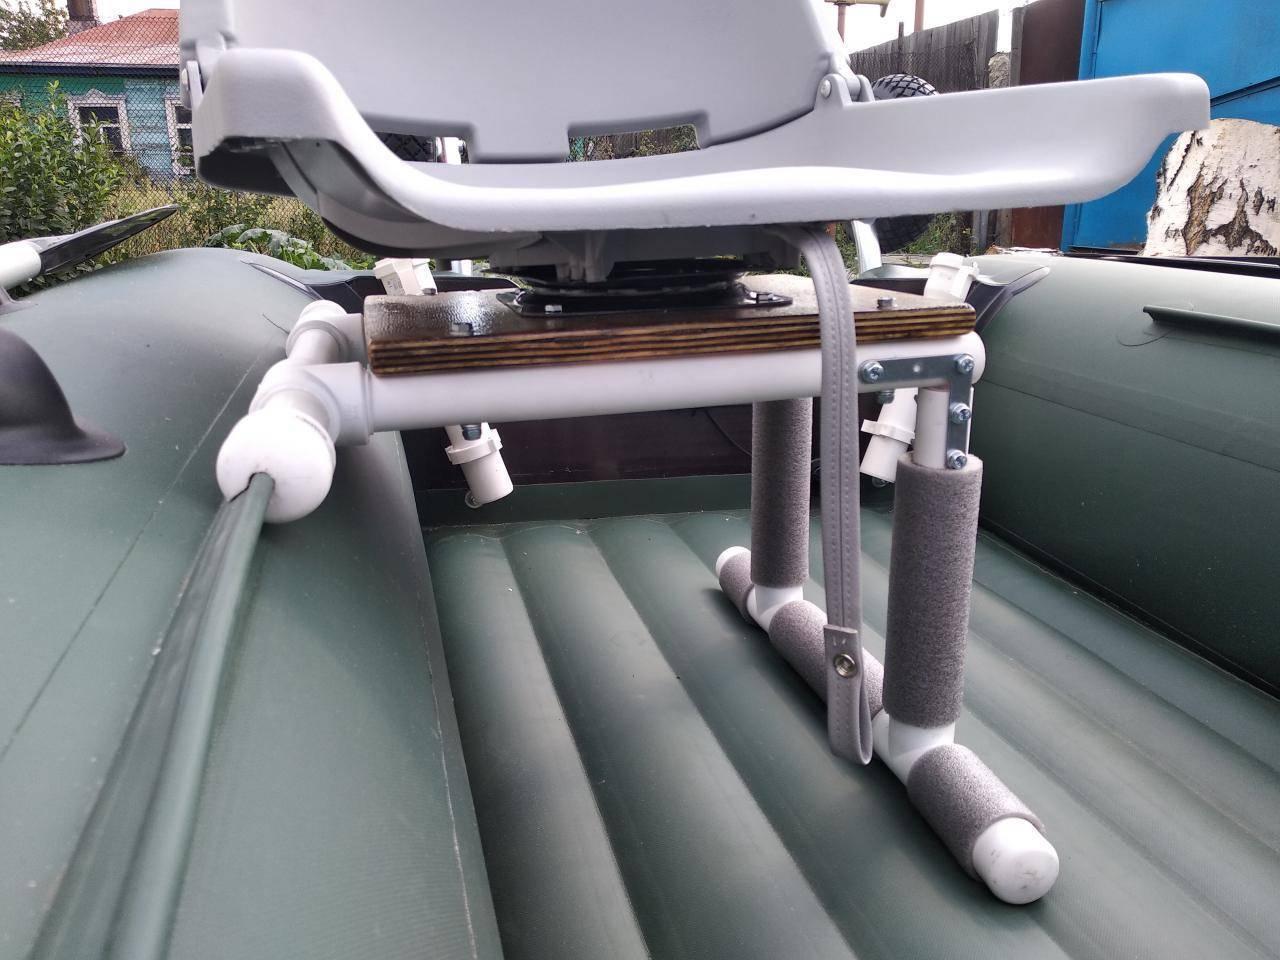 Тюнинг моторных надувных лодок пвх своими руками (часть2)